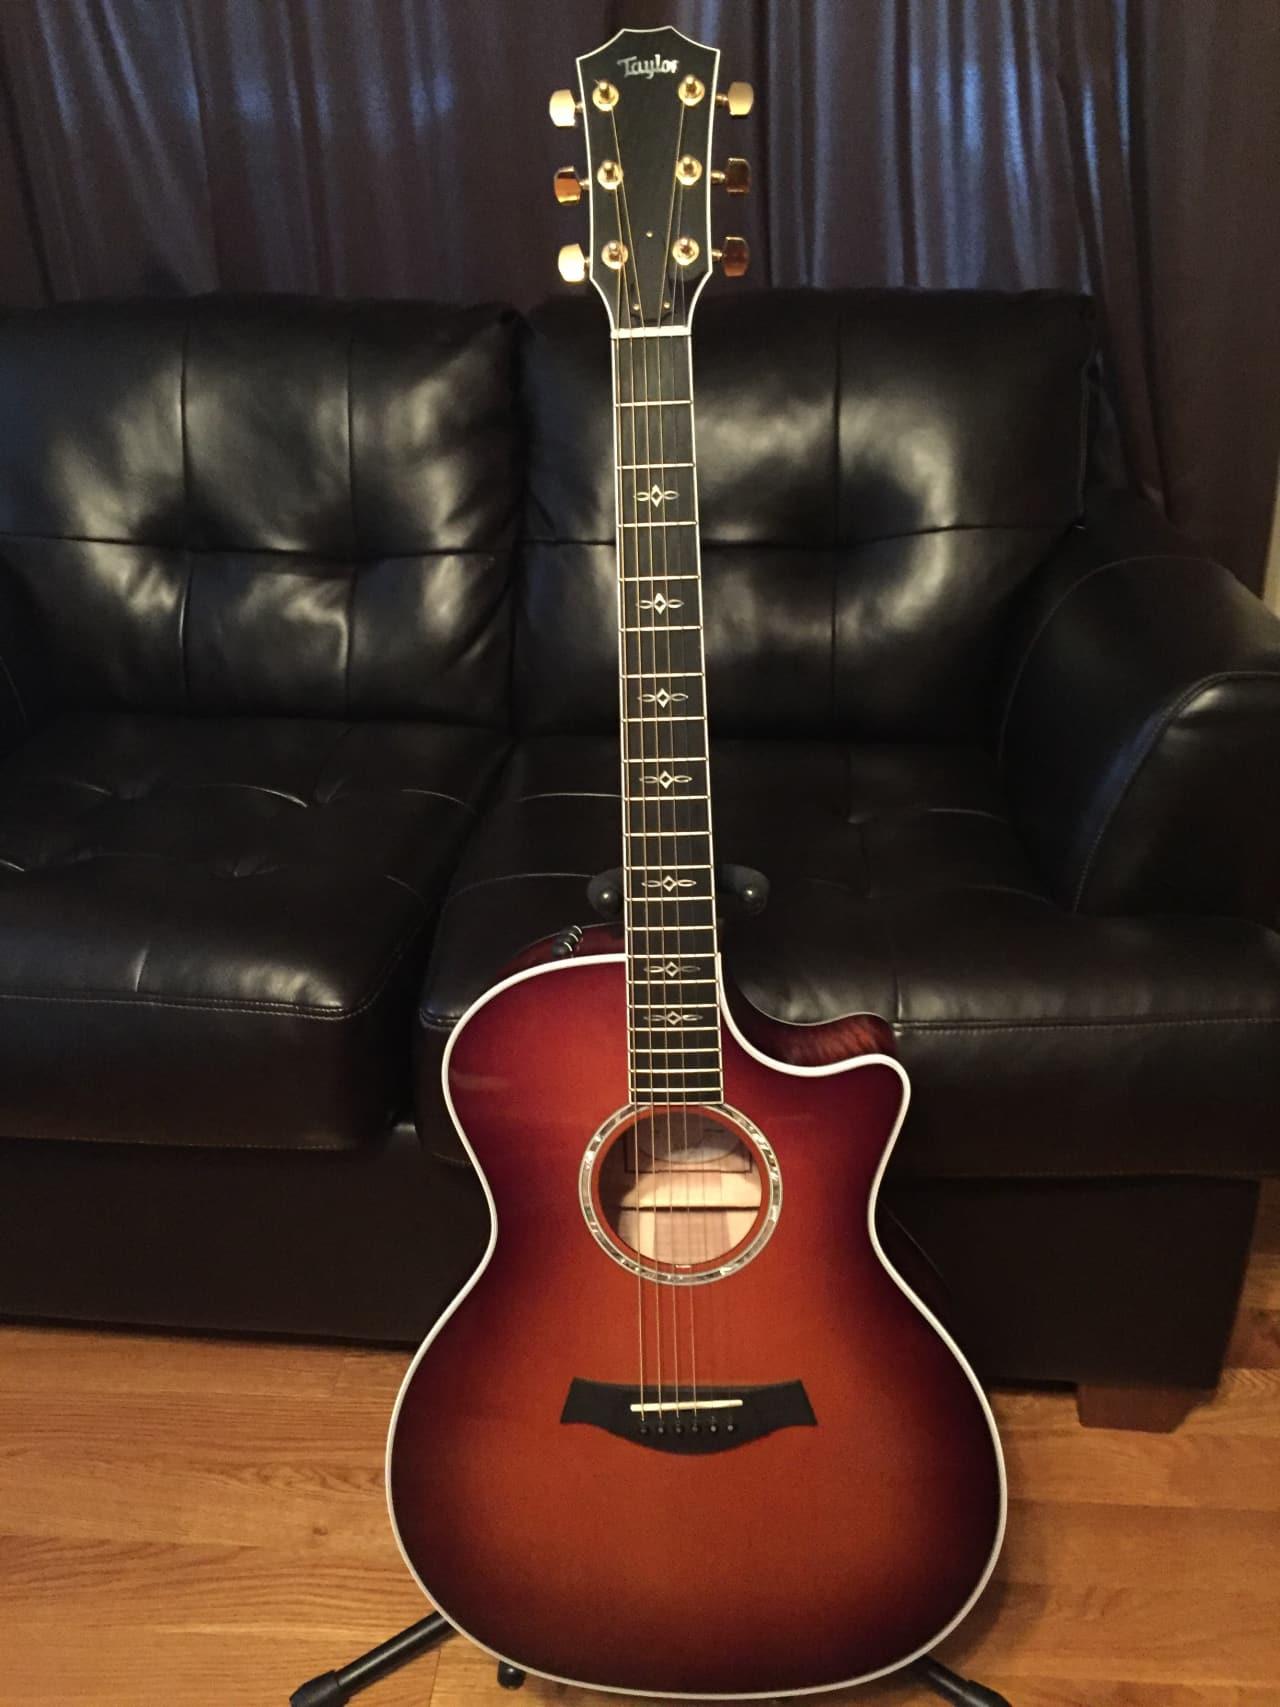 taylor 614ce 2014 tobacco sunburst haciel 39 s guitars reverb. Black Bedroom Furniture Sets. Home Design Ideas